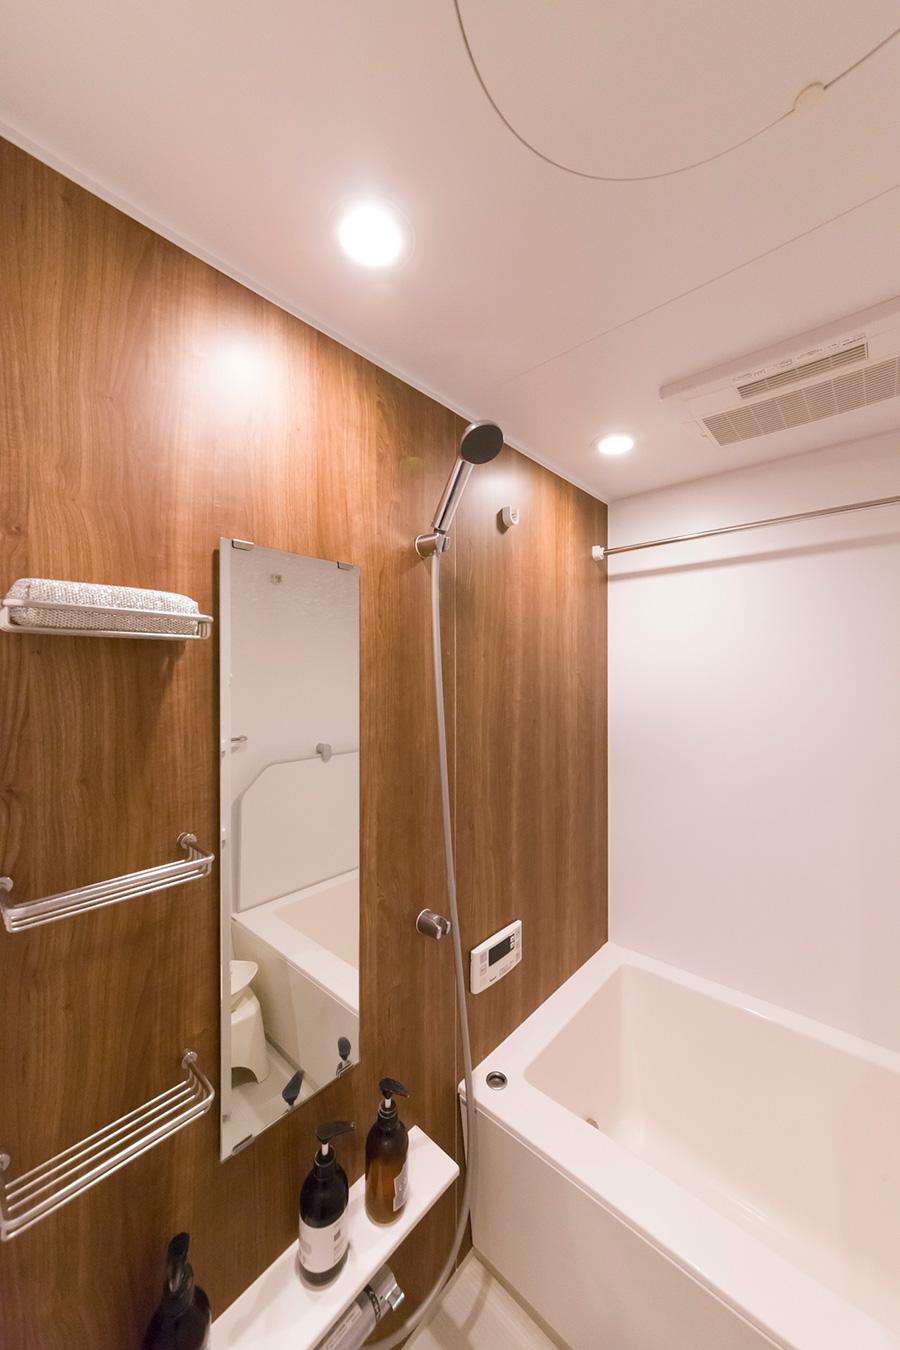 「せっかくのリノベーションなので風呂場も一から作りたかったのですが、予算の関係でユニットバスにしました。このパナソニックのものは木目が気に入っています」